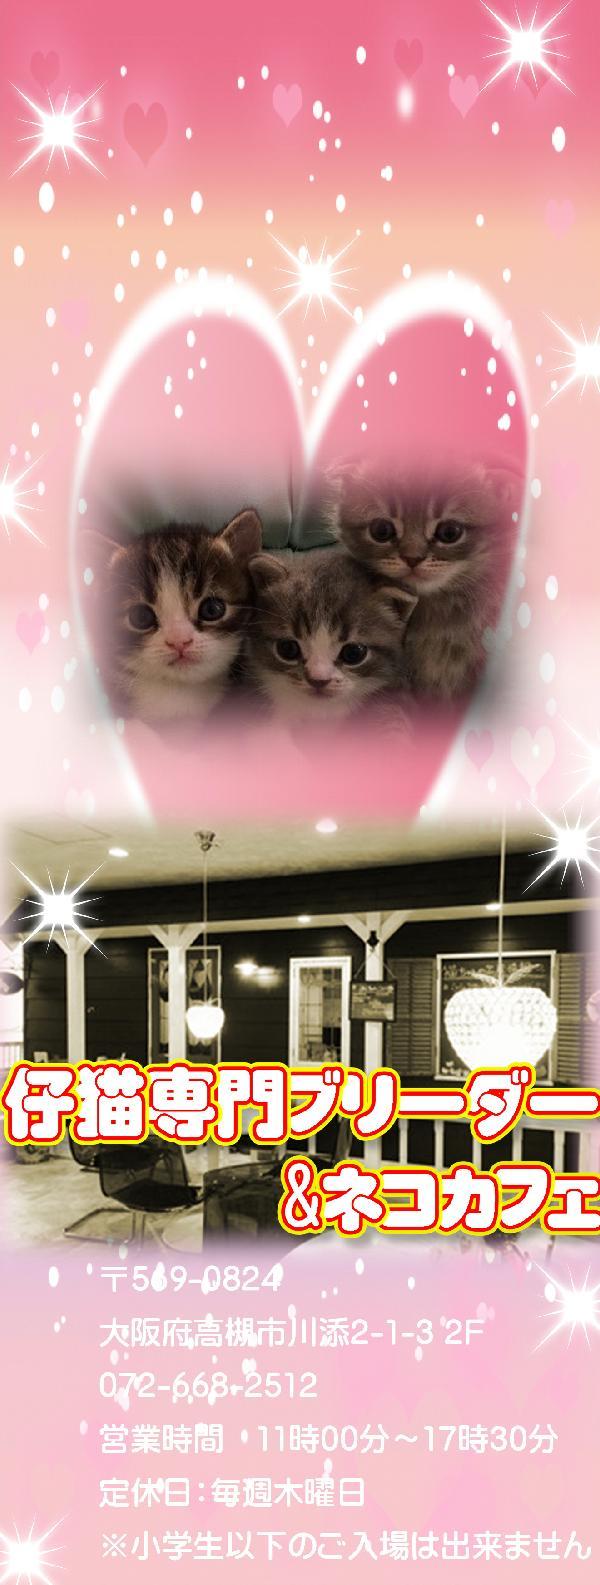 猫専門ブリーダー&猫カフェ